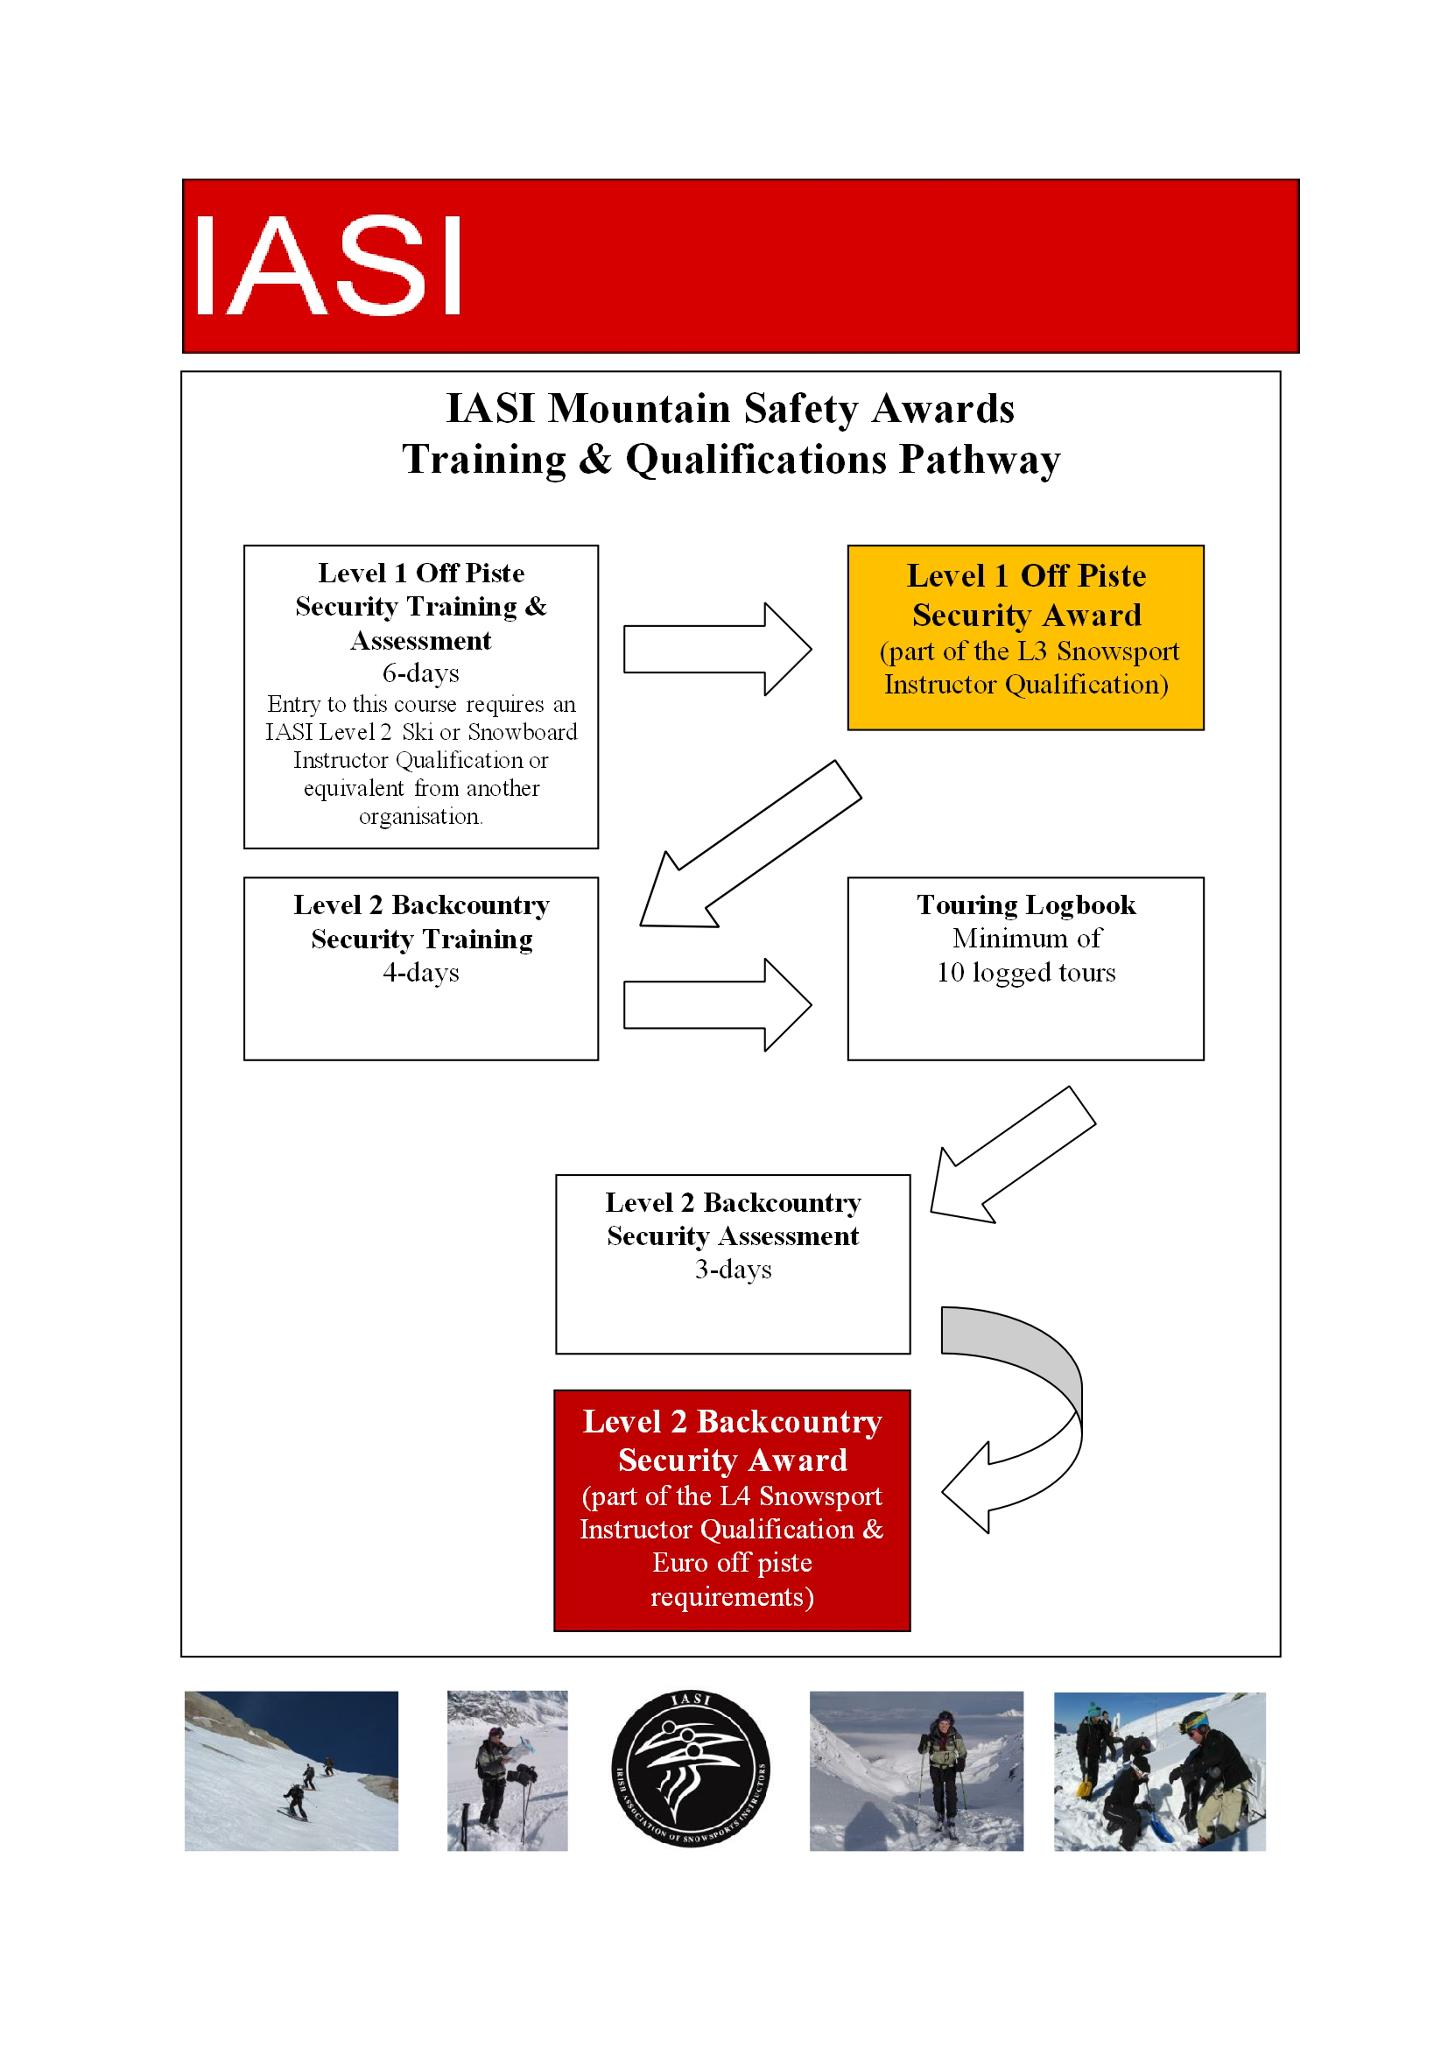 IASI Mountain Safety Pathway